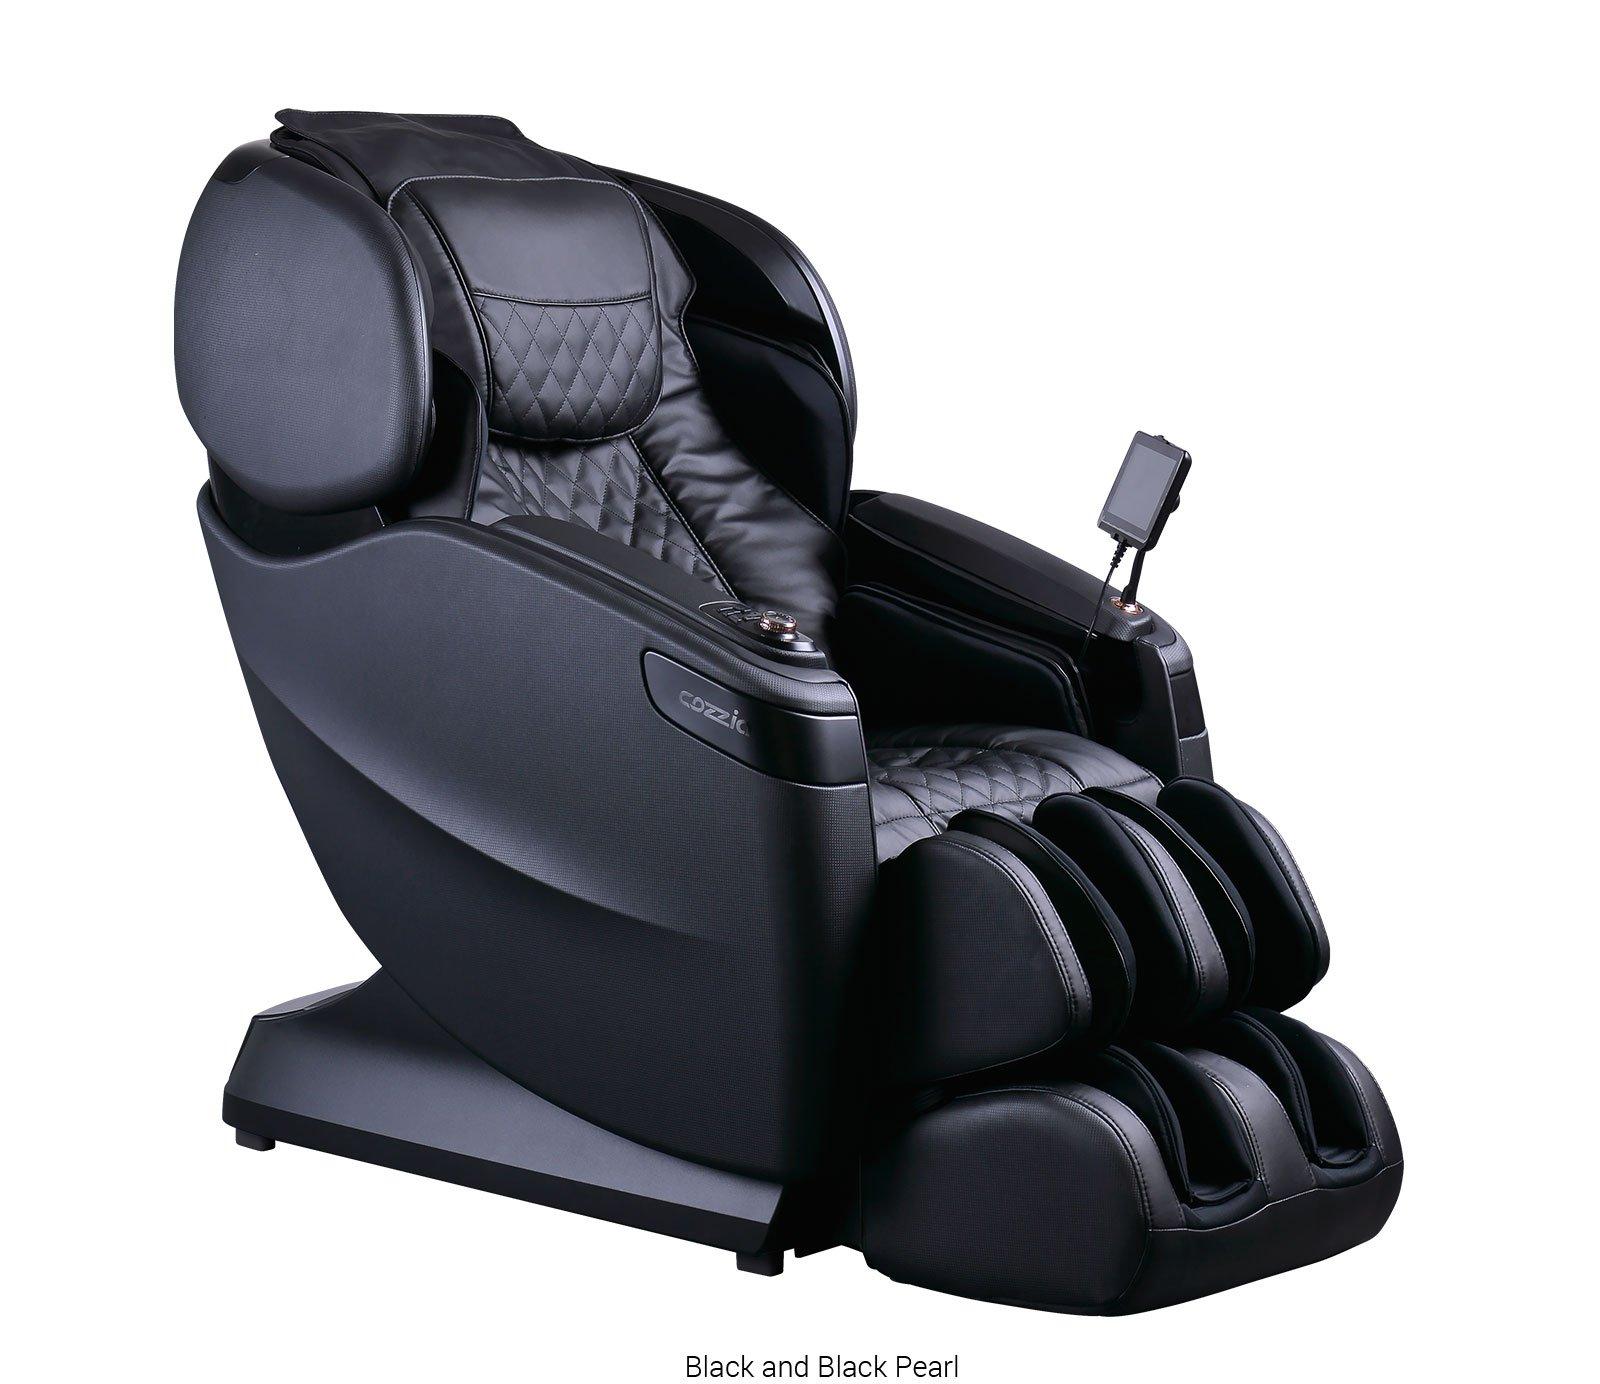 Cozzia Qi SE Massage Chair